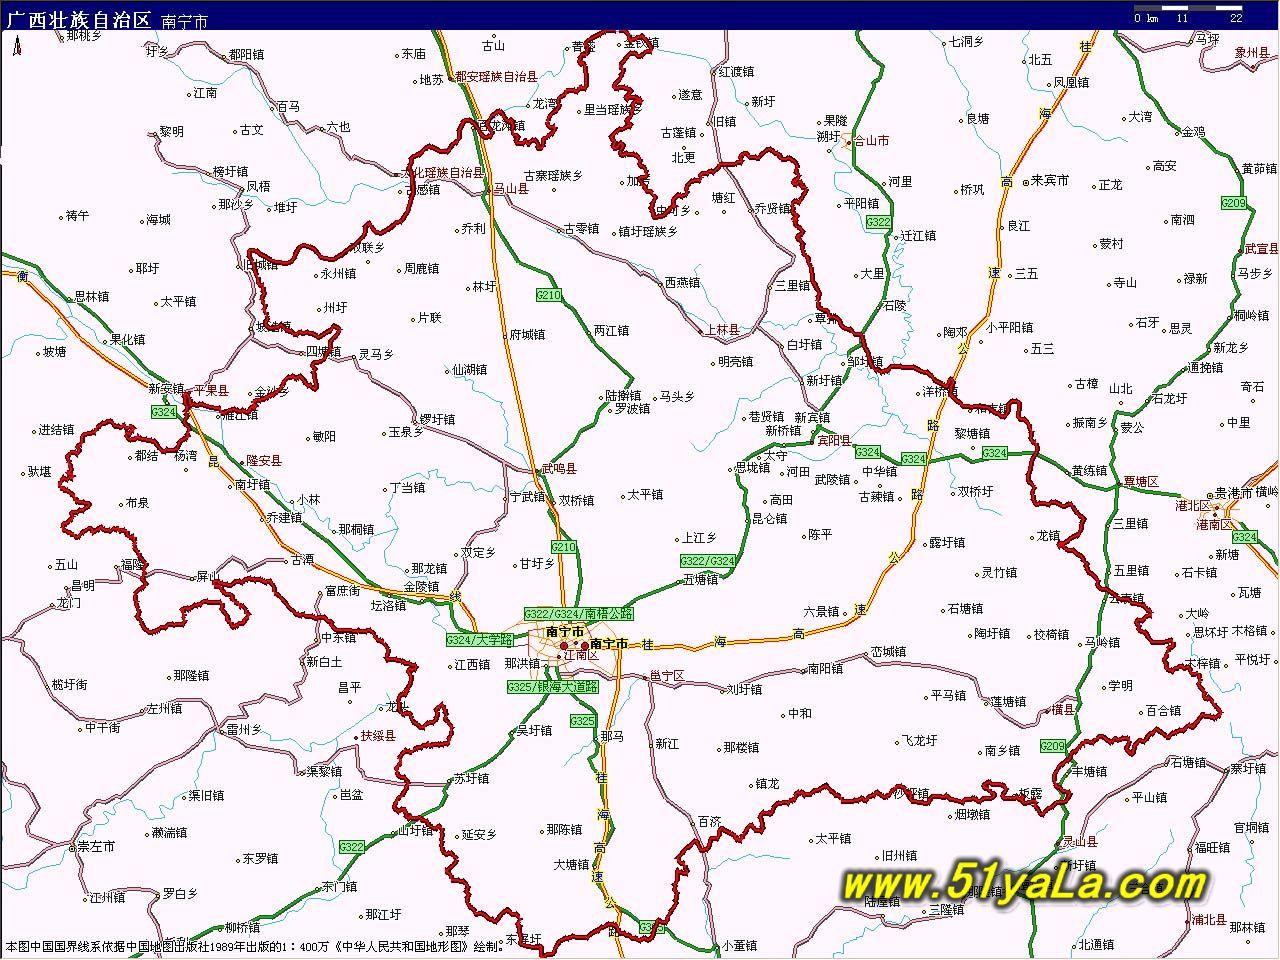 广西旅游景点介绍_广西旅游地图 广西旅游地图介绍 广西旅游地图网 中国旅游网